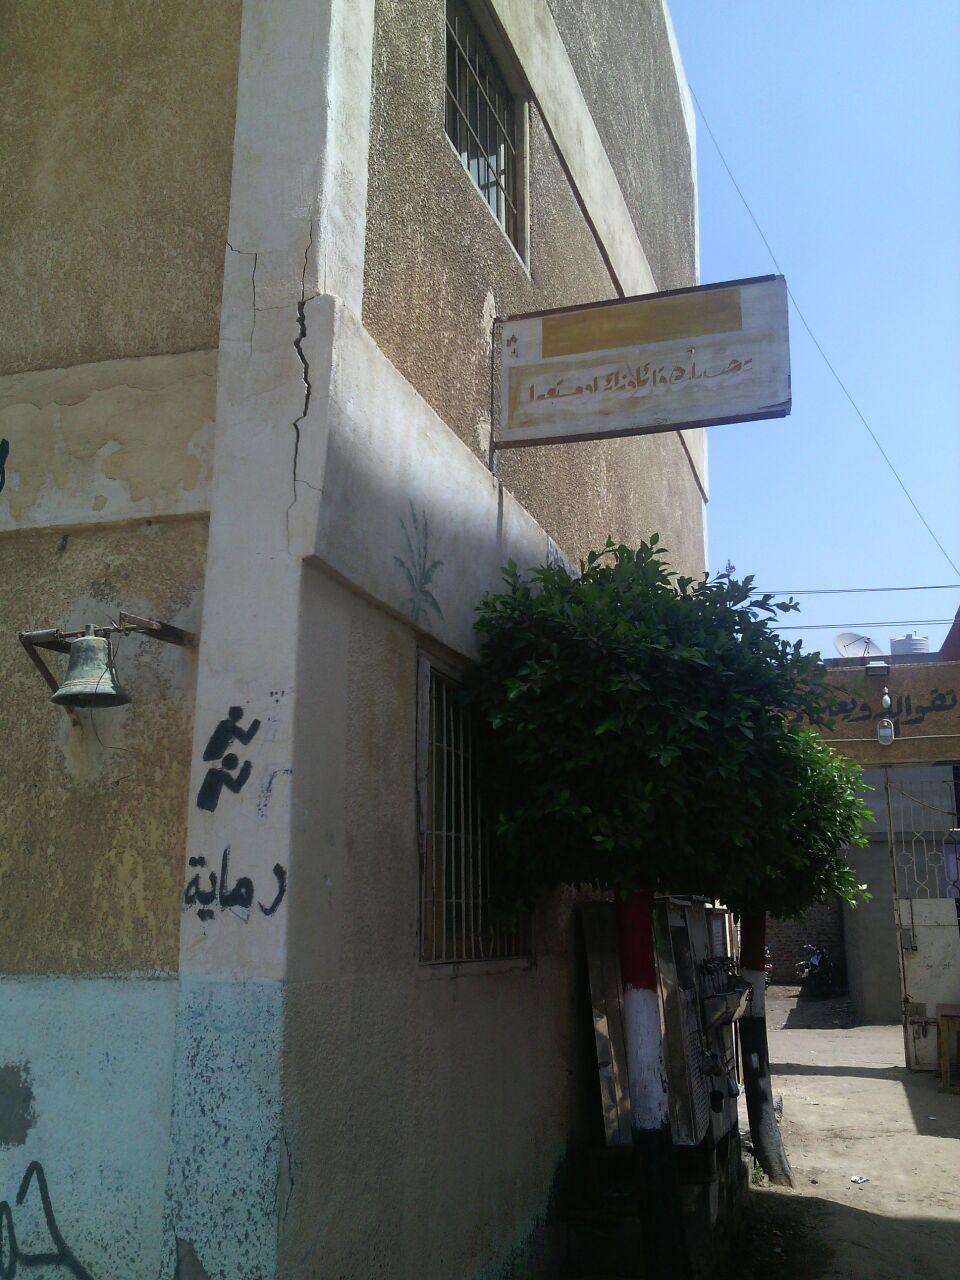 بالصور.. «معهد طناح الأزهري آيل للسقوط» ومطالبات بترميمه حرصا على سلامة الطلاب